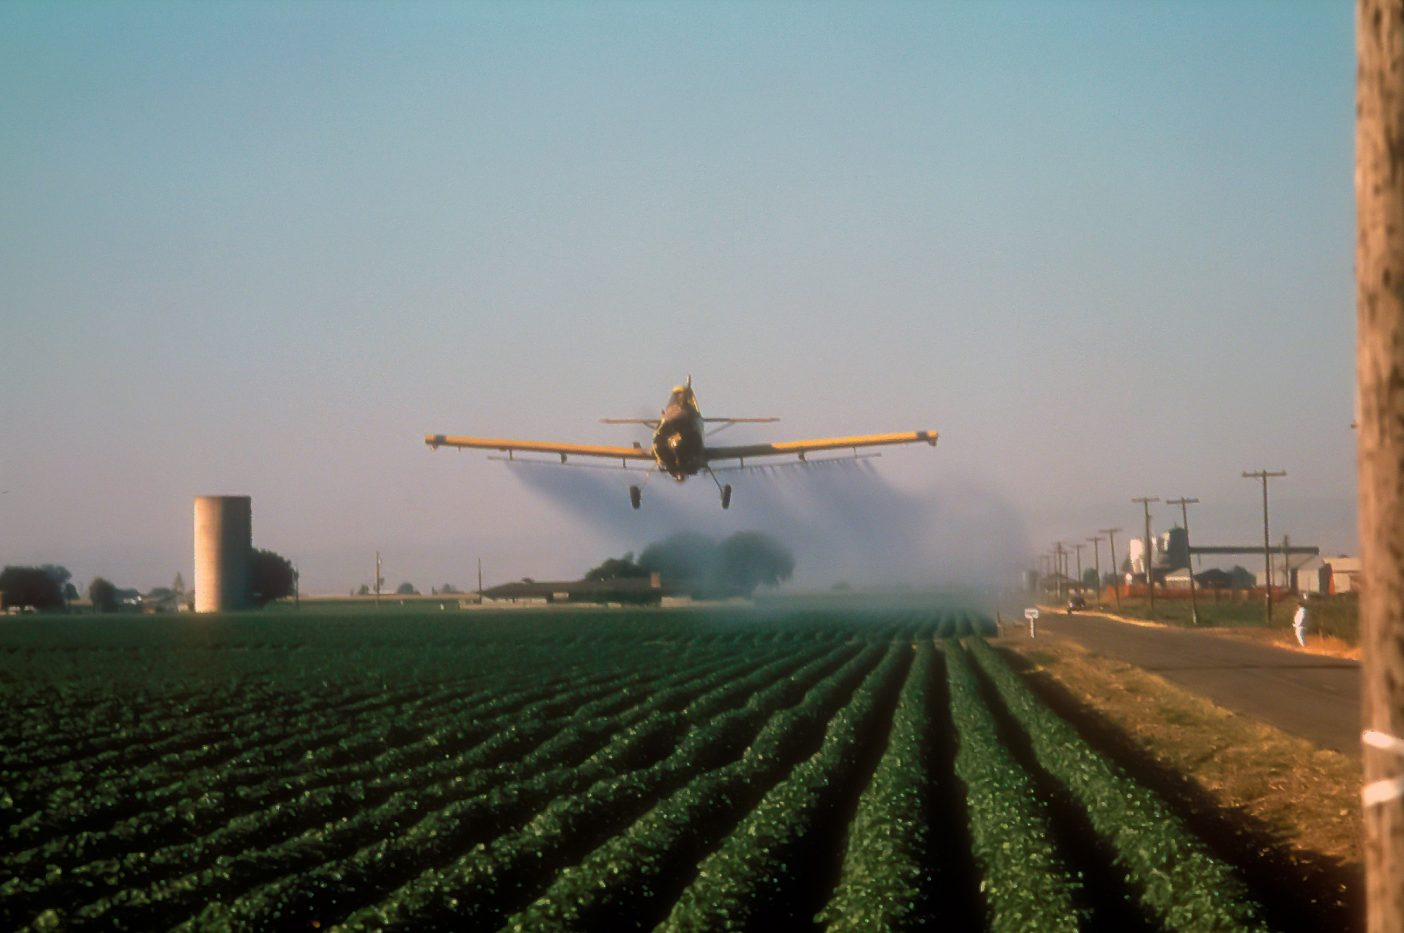 噴霧の際には殺虫剤の噴煙と滴が大気によって予期せぬ場所に降りかかる。一般的なコットン栽培においては、それは他の農家、水路あるいはトラック一杯の食物を意味する。カリフォルニア州セントラル・バレー Photo: Zack Griffin